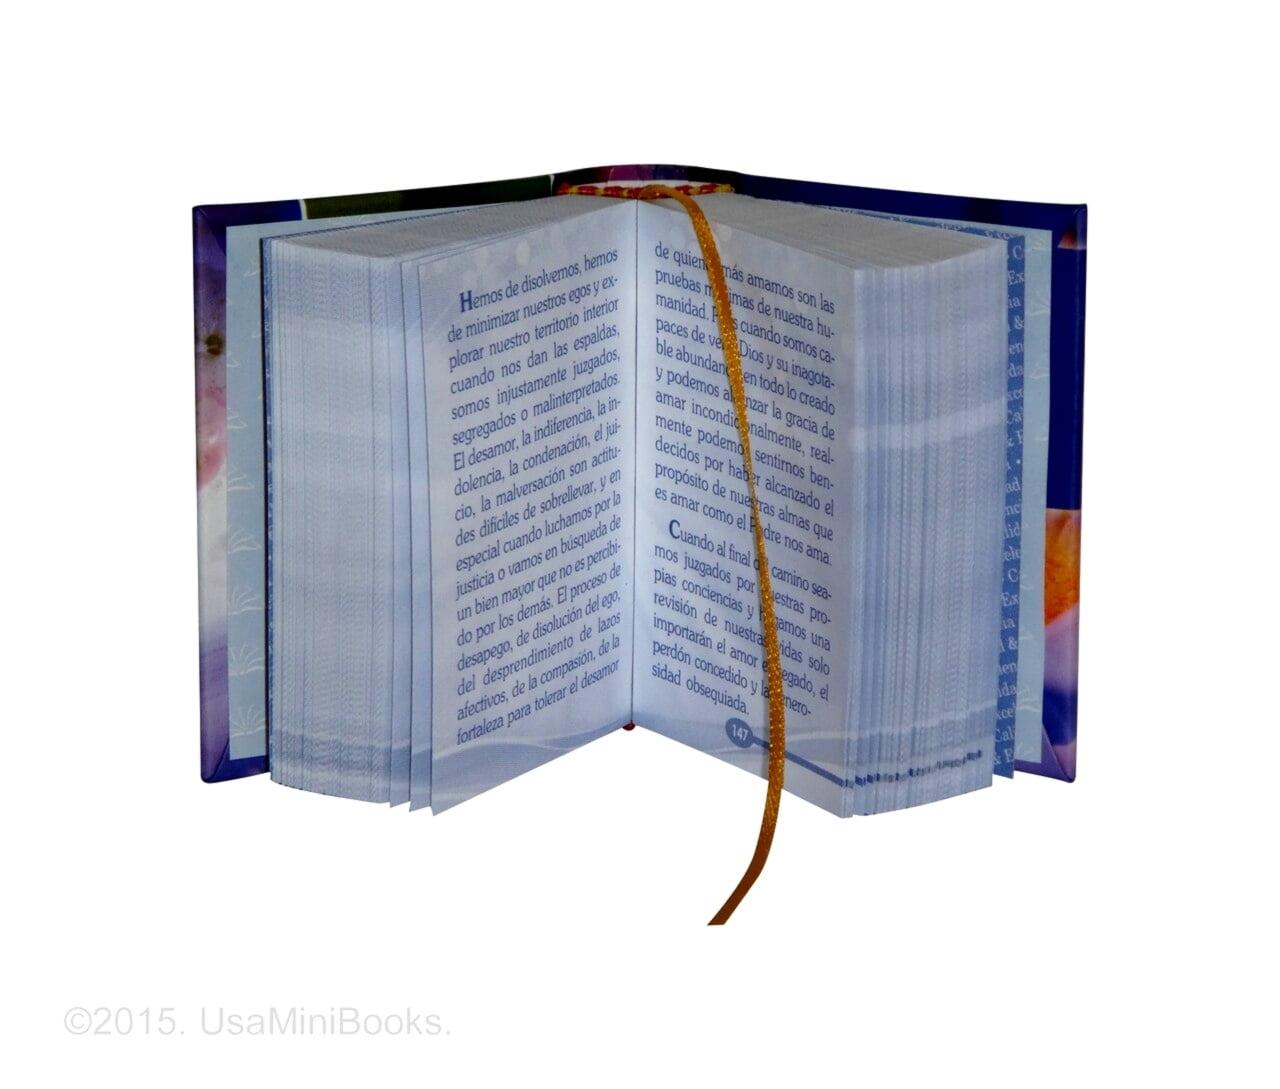 Diario_Espiritual-1-miniature-book-libro